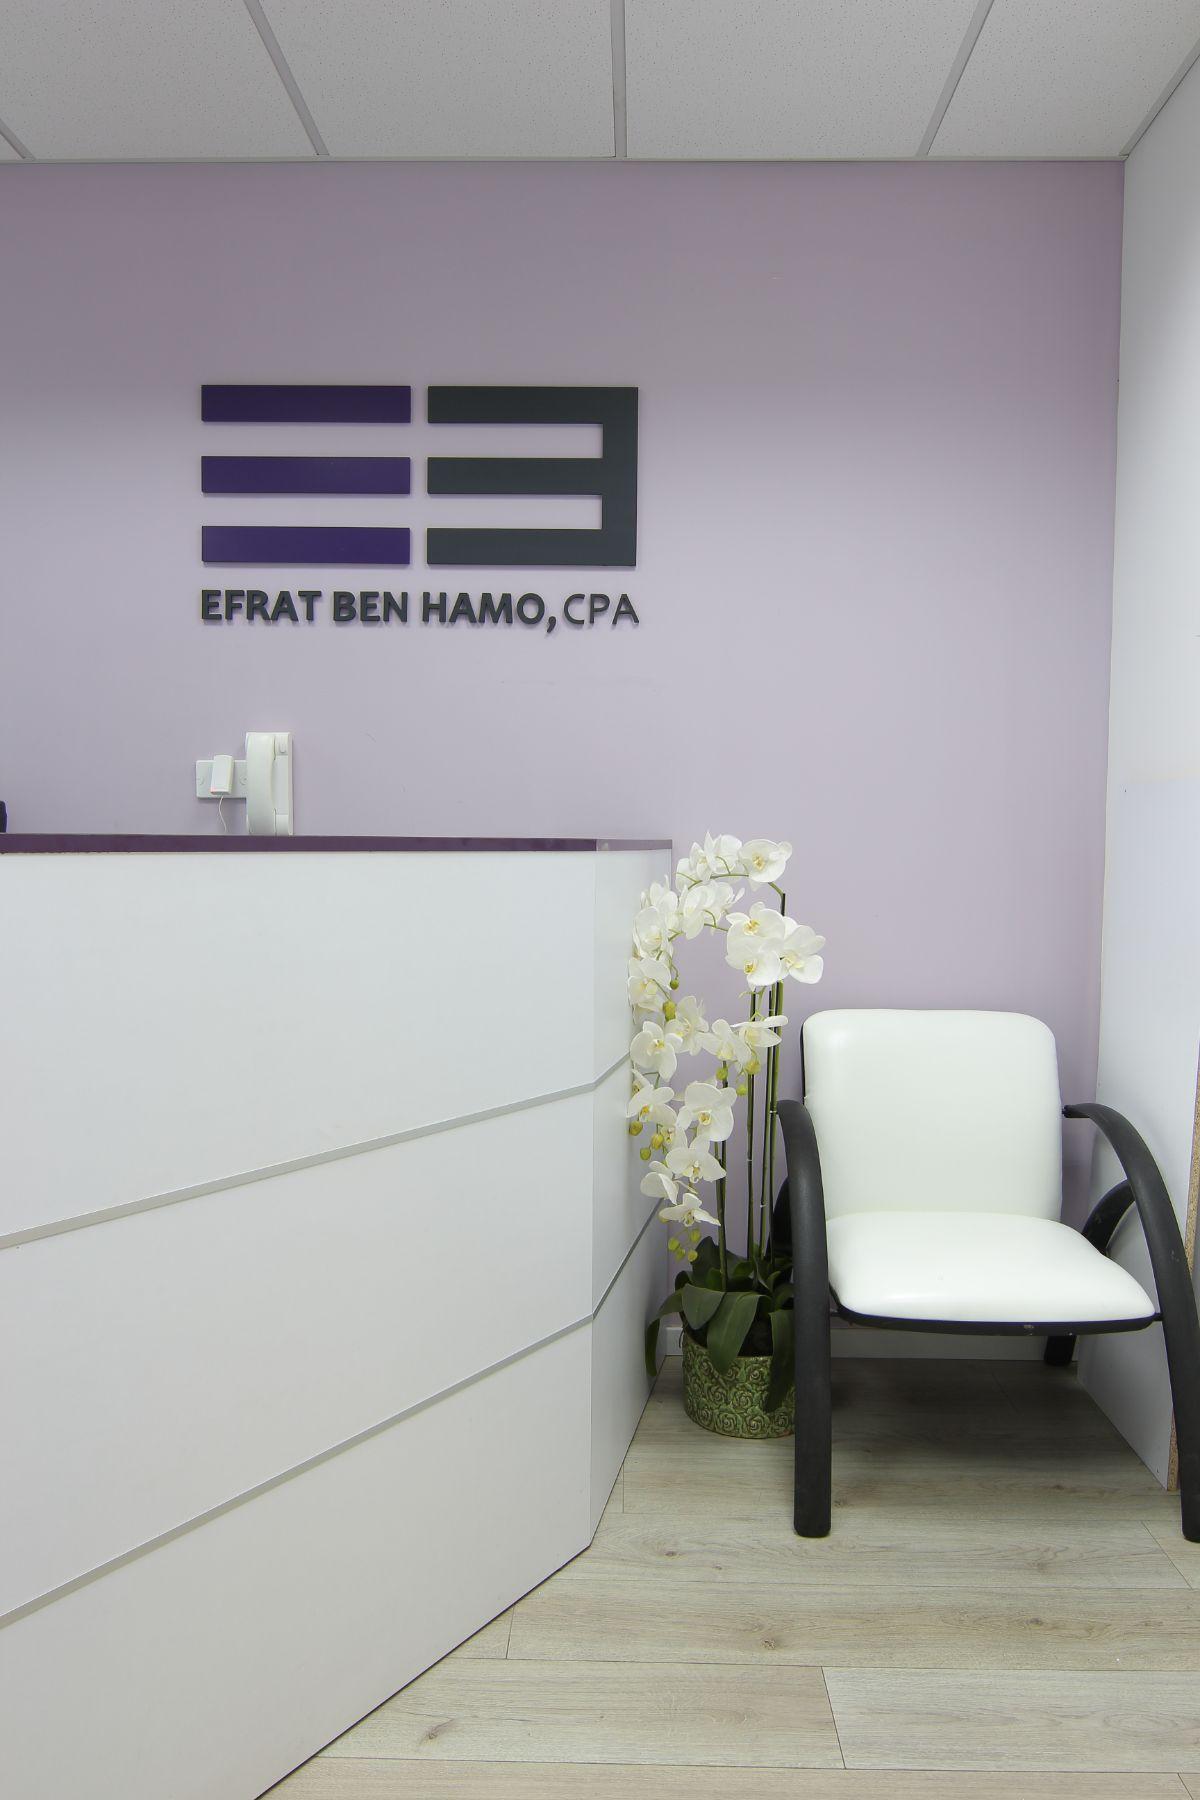 עיצוב פנים קיר משרדי | אדריכלות קיר משרדי - קיר משרדי